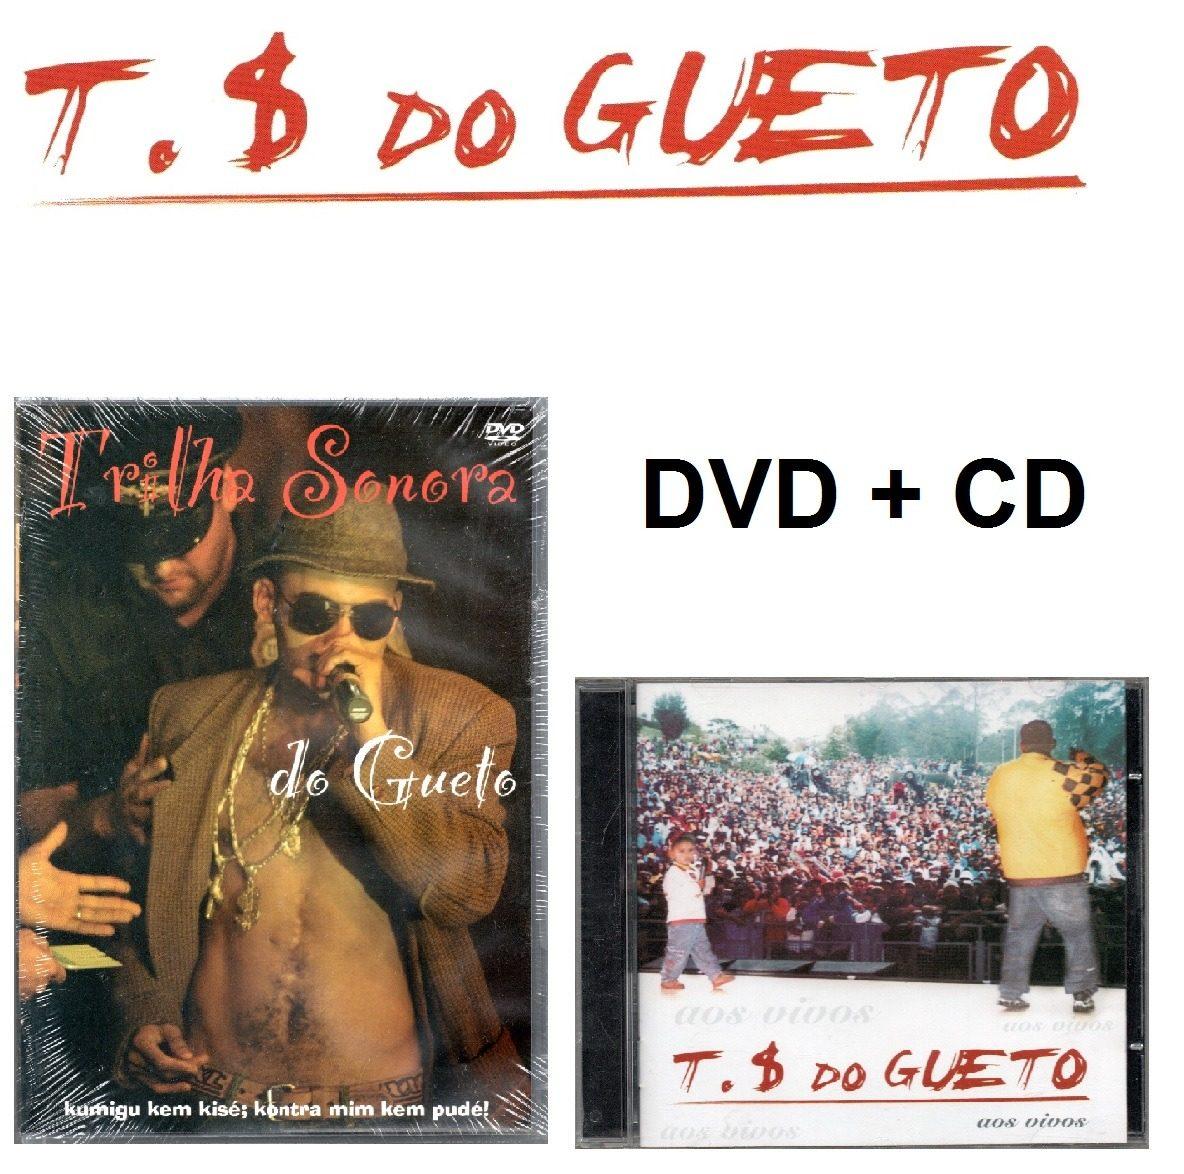 cd trilha sonora do gueto gratis